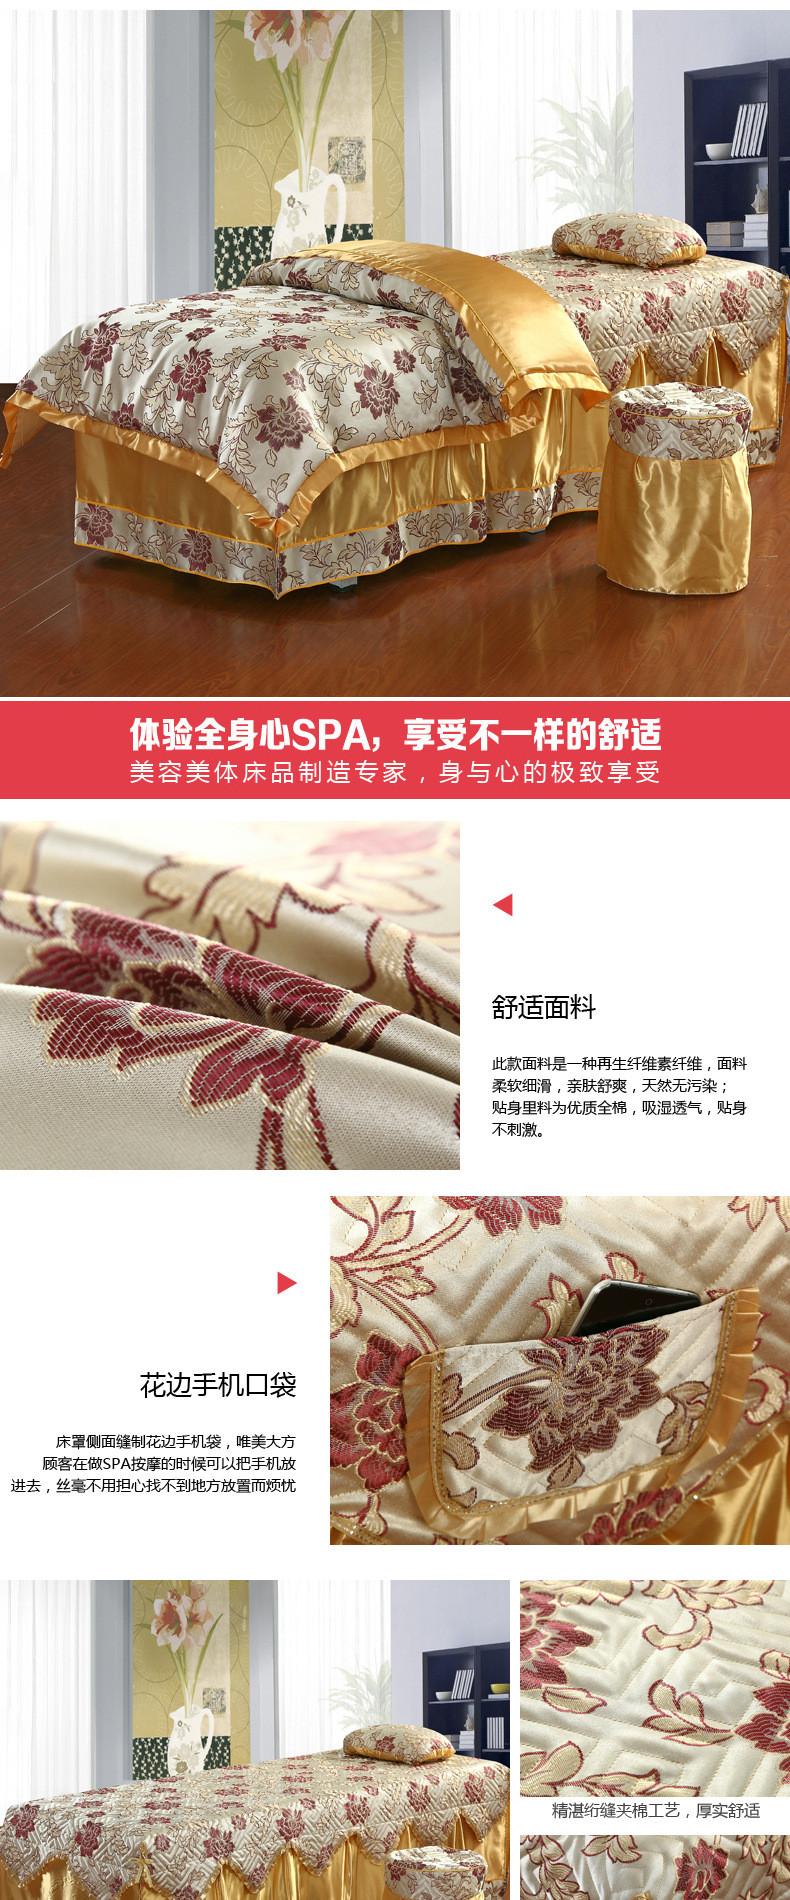 新品 美容床罩四件套 美体按摩床罩 美容院纯棉床上用品支持定做示例图2